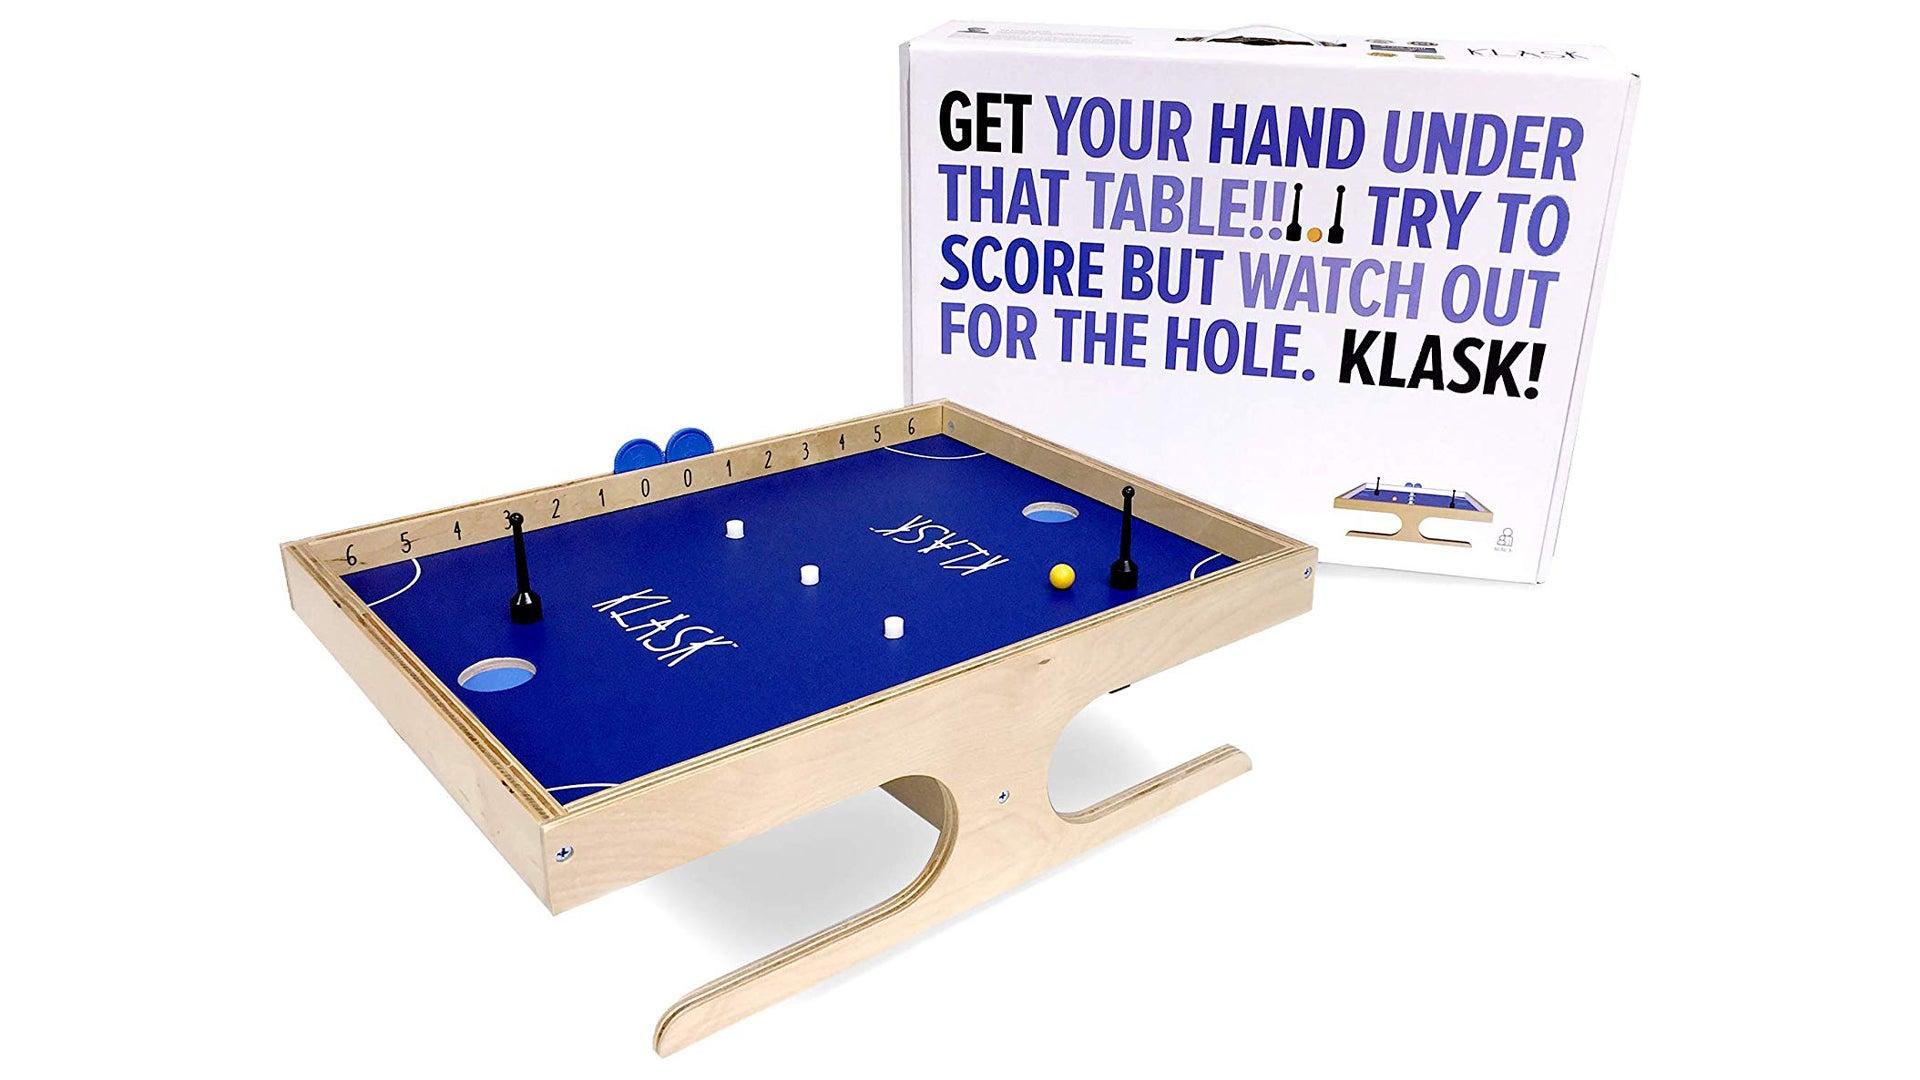 klask-board-game-box-gameplay.jpg